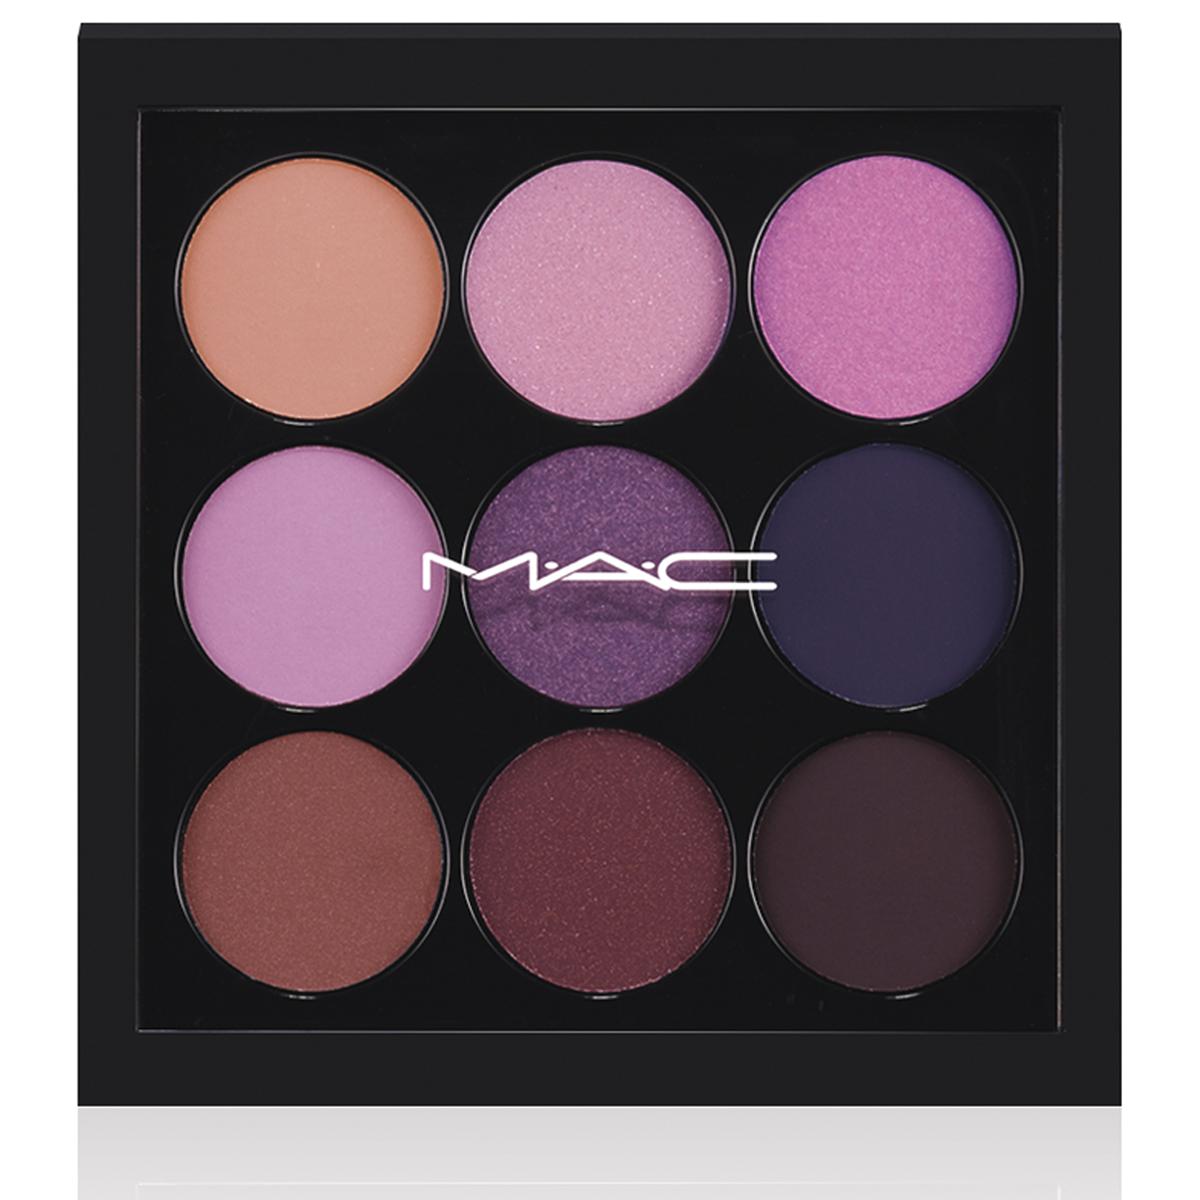 EYES ON MAC Purple Times Nine x 9 Eyeshadow Palette